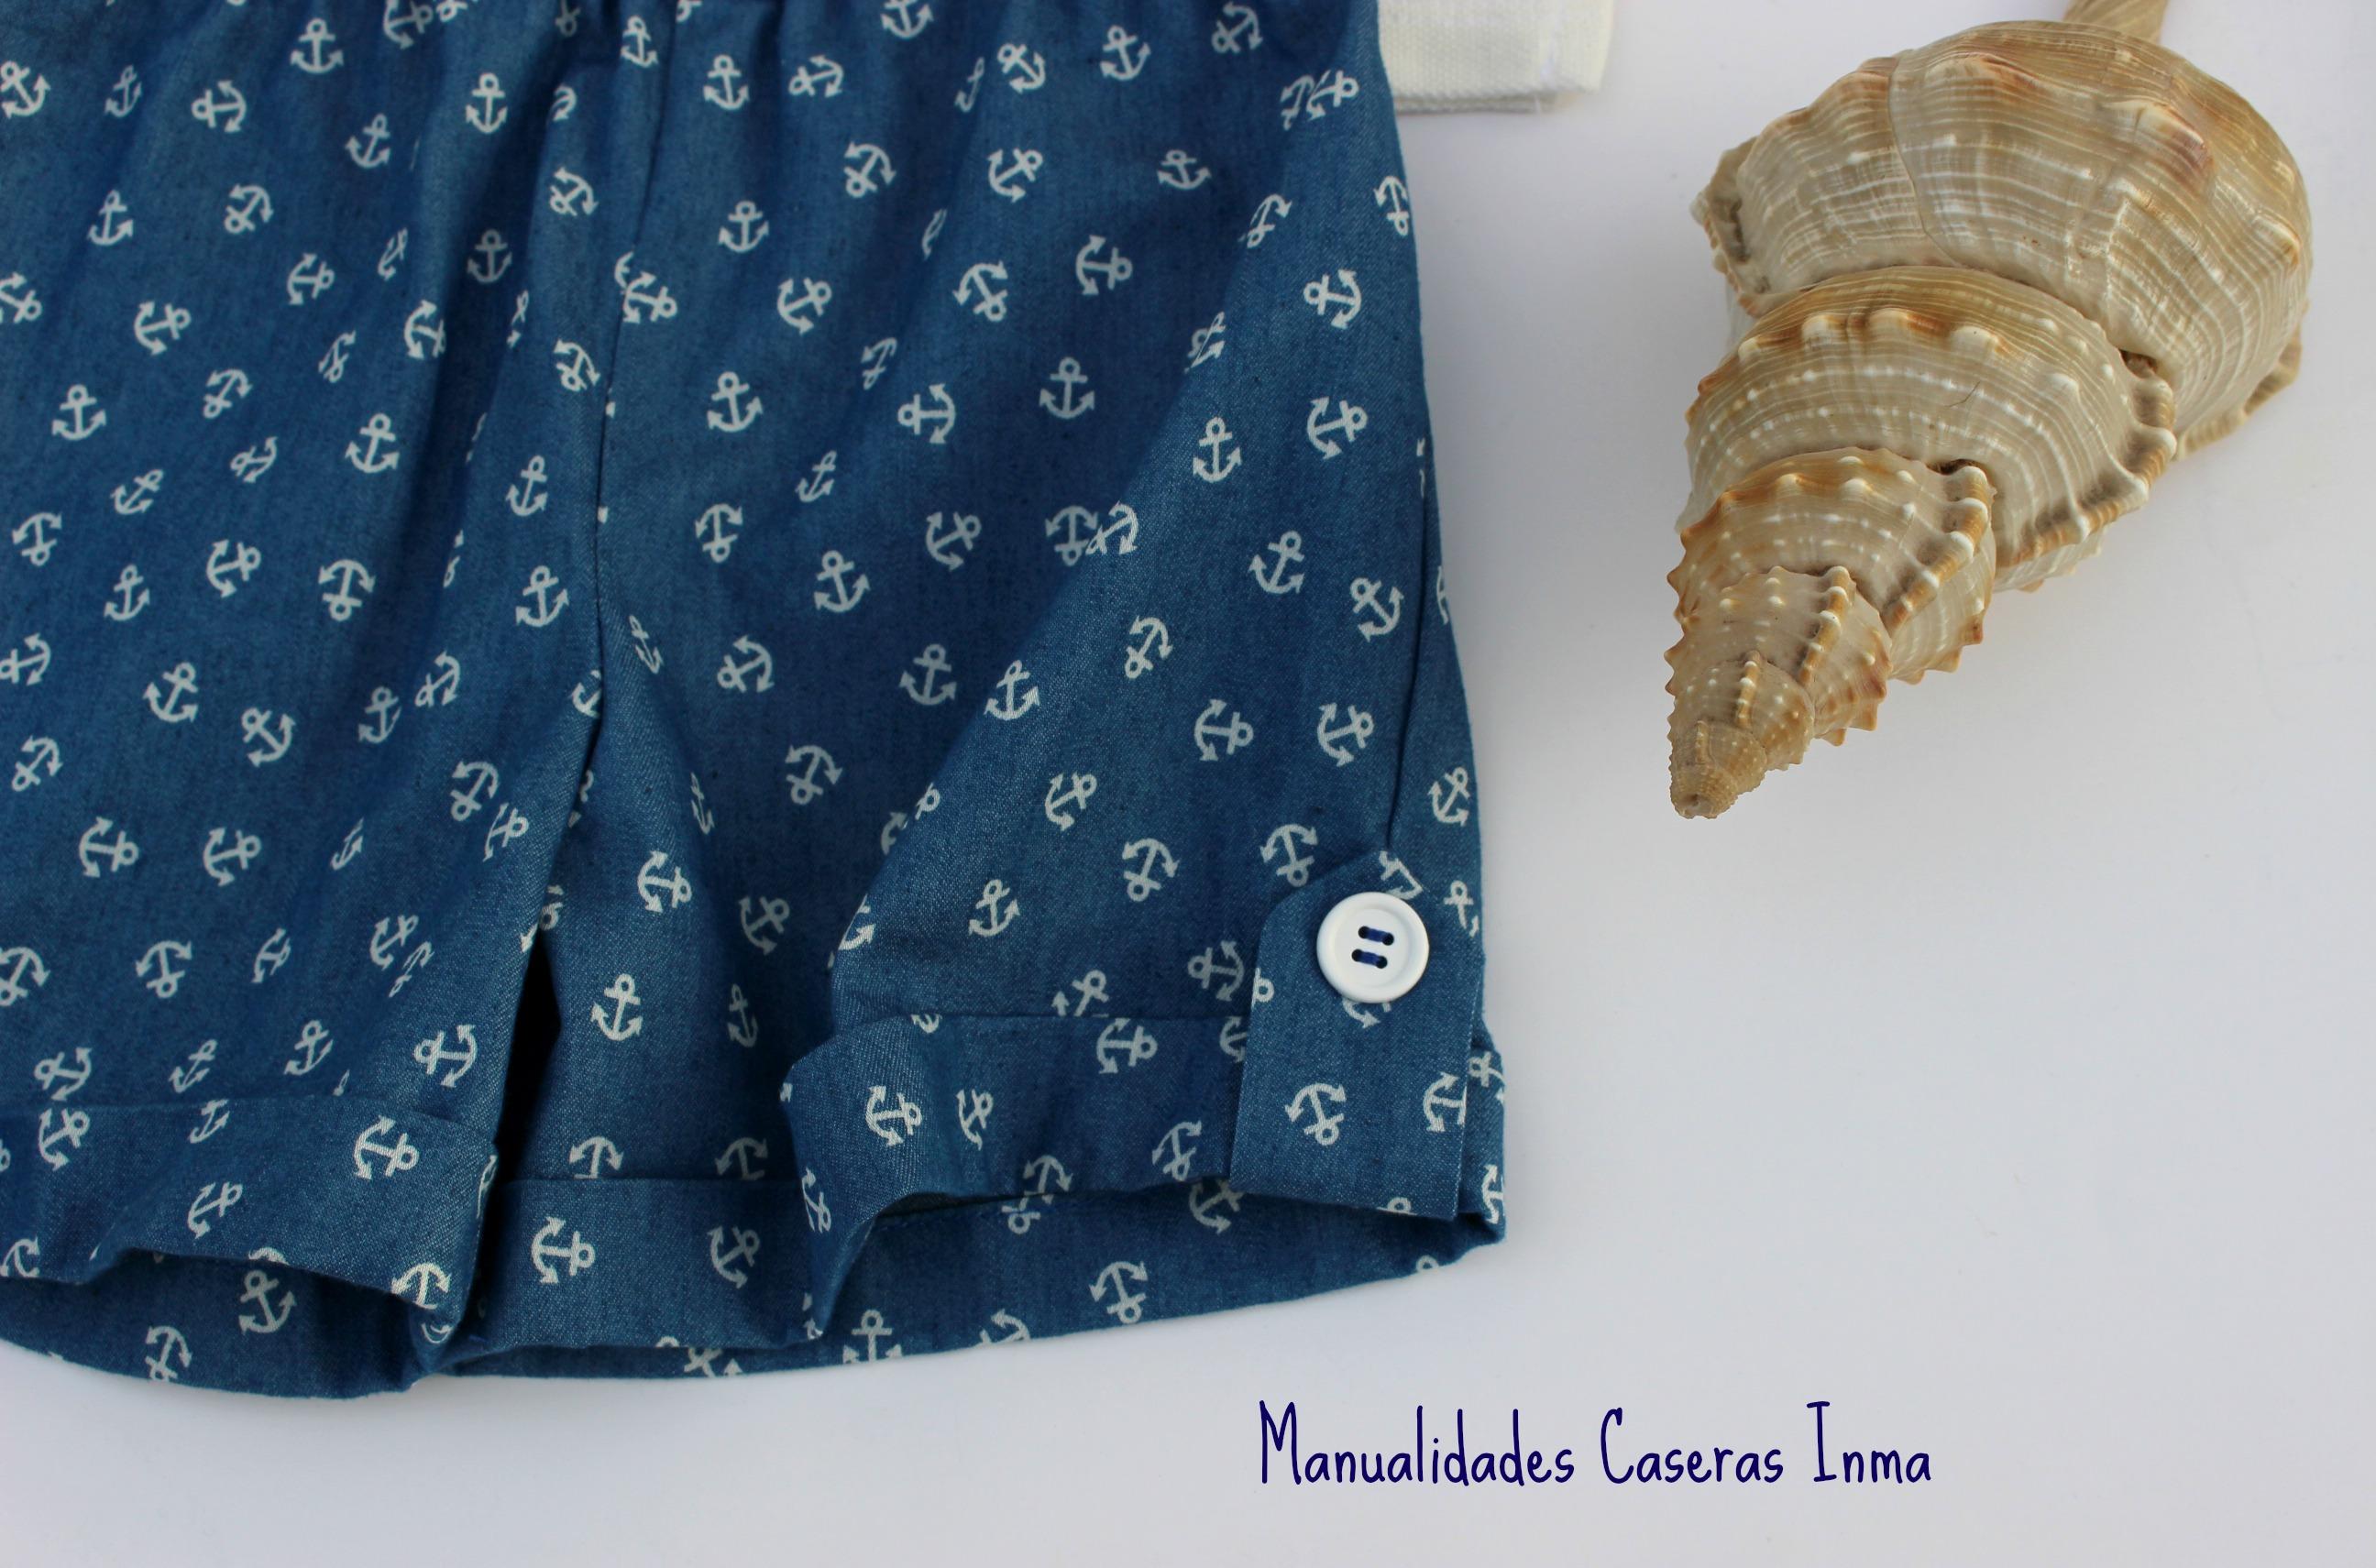 Manualidades Caseras Inma_ Conjunto marinero anclas detalle presilla pantalon